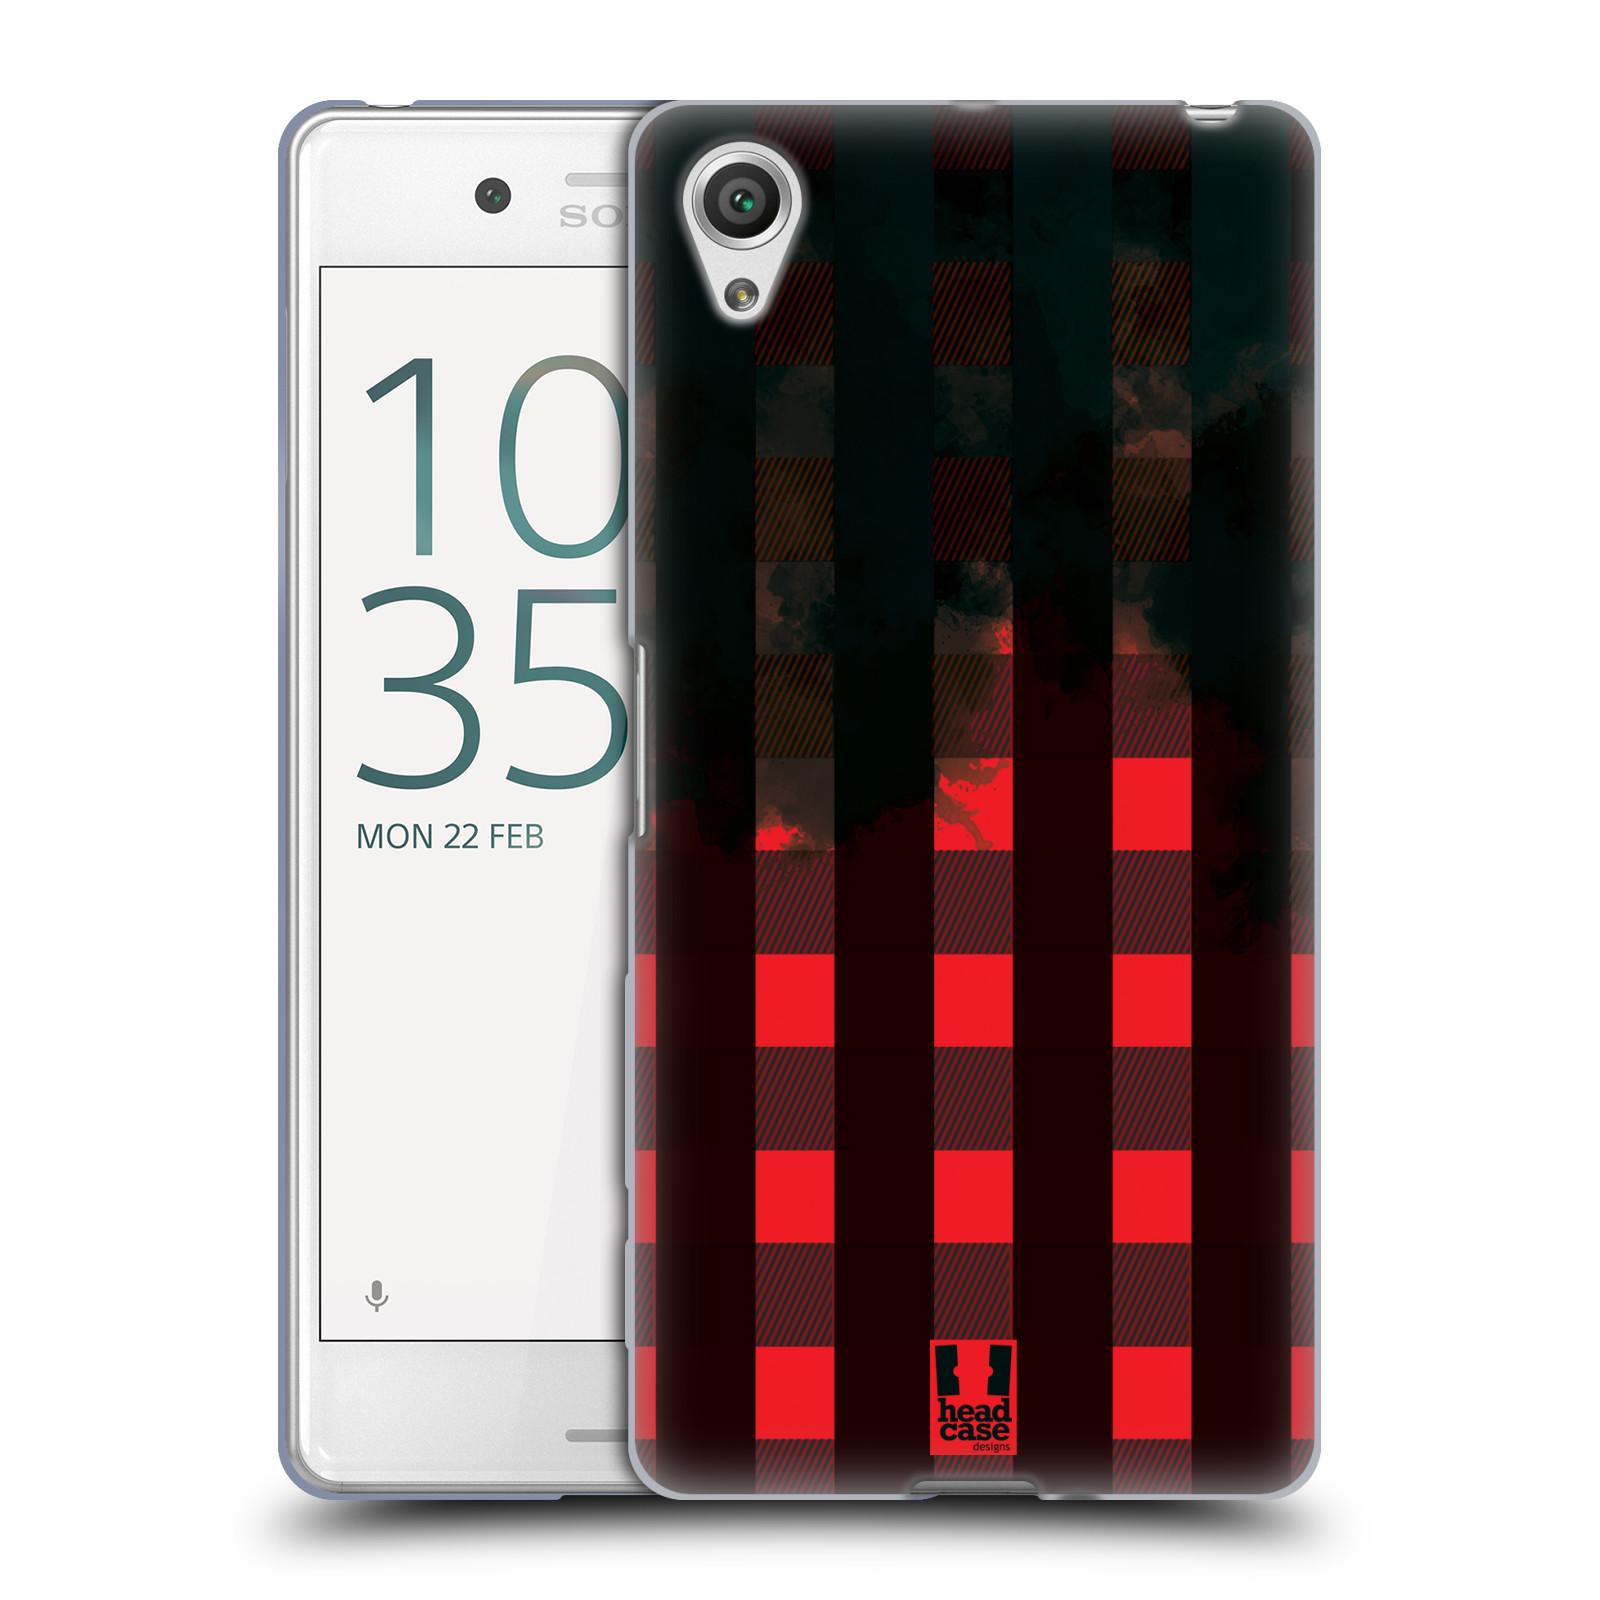 Silikonové pouzdro na mobil Sony Xperia X Performance HEAD CASE FLANEL RED BLACK (Silikonový kryt či obal na mobilní telefon Sony Xperia X Performance F8132)